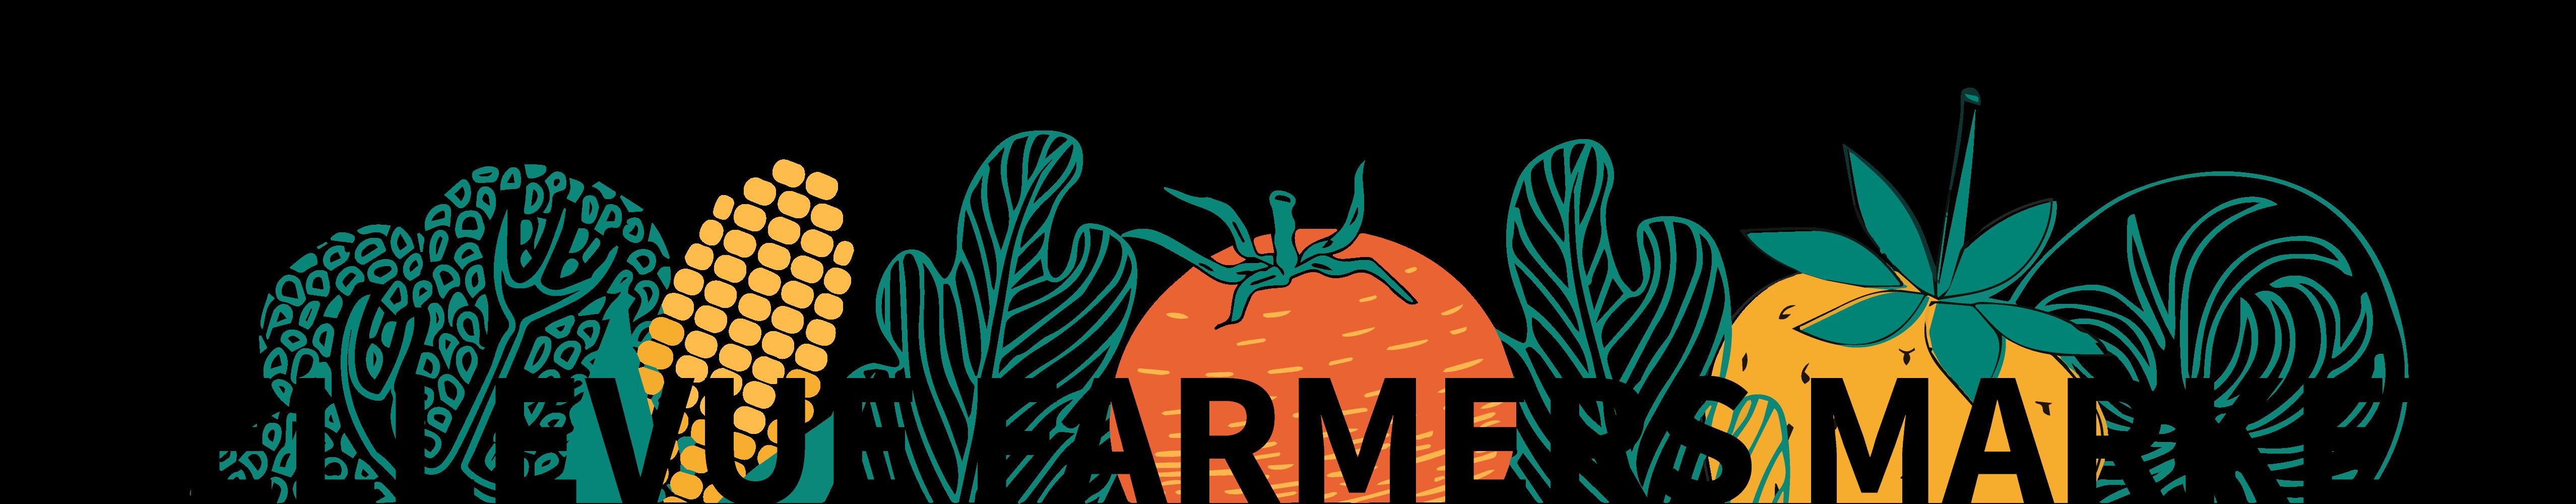 Logo de Bellevue Farmers Market